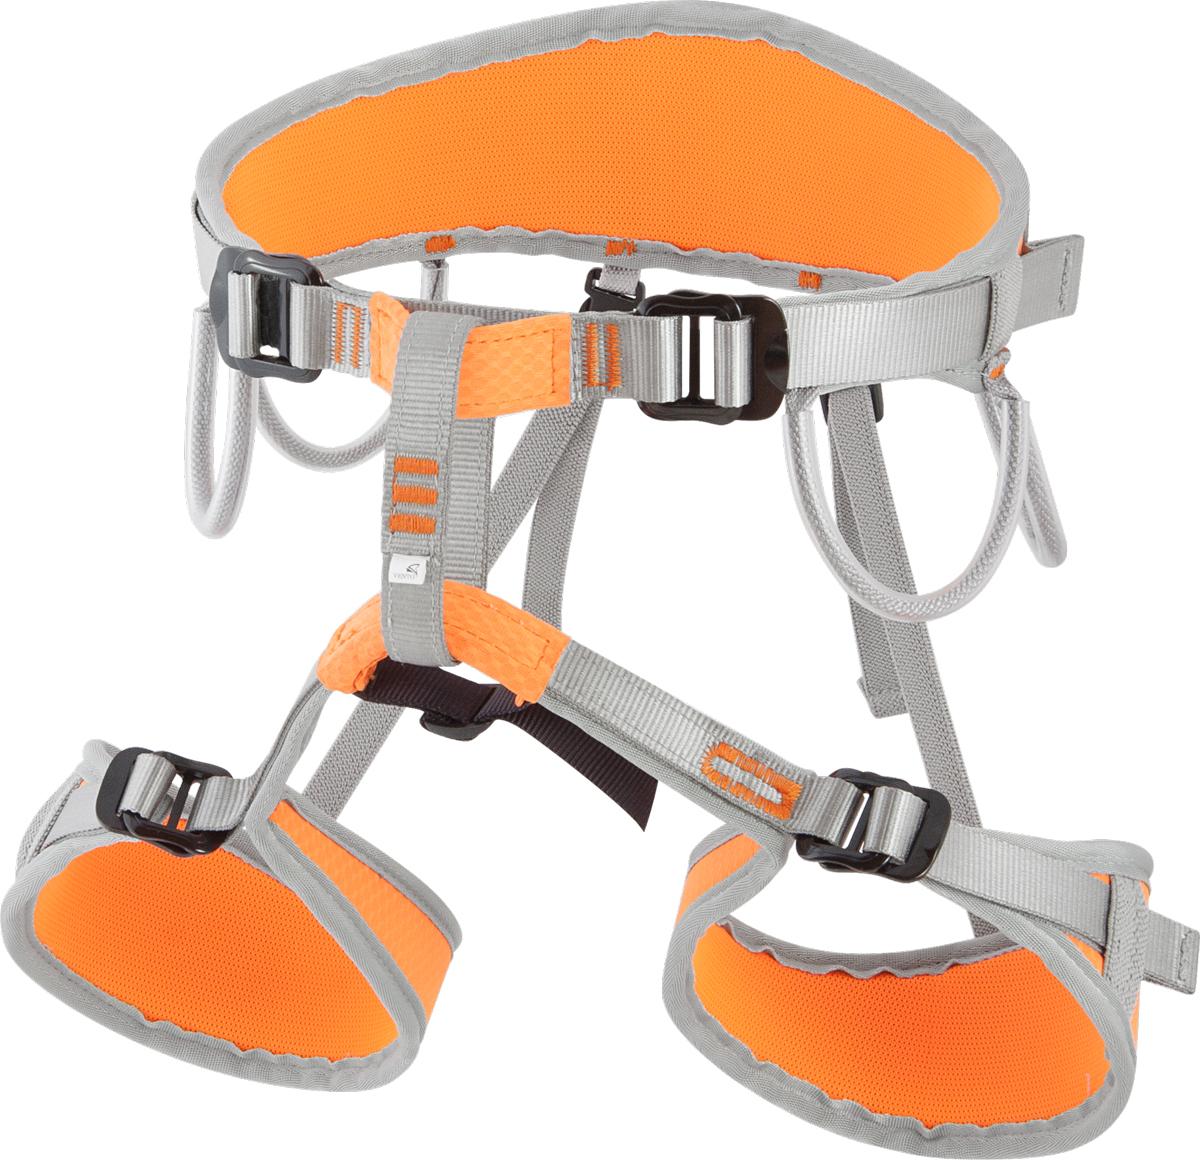 Система страховочная Vento Argon Toxic, цвет: оранжевый, размер Svnt 108to 1Яркая альпинистская беседка «Argon» разработана для альпинистов, скалолазов и туристов. Это универсальная полностью регулируемая обвязка, сшитая по технологии «силового каркаса», что позволяет распределить нагрузку на всю площадь пояса и ножных обхватов. Две пряжки «дуплекс» на поясе предназначены для регулирования беседки, а также для правильного позиционирования страховочного кольца. Конструкция включает 4 широкие петли и большое количество слотов для развески снаряжения. Производится в двух размерах.Характеристики:Размер 1:Масса: 420 г Обхват пояса: 80 – 122 смОбхват ног: 47 – 65 смСоответствие: EN 12277Сертификат: СЕ (E-30-20010-15)Яркая альпинистская беседка «Argon» разработана для альпинистов, скалолазов и туристов. Это универсальная полностью регулируемая обвязка, сшитая по технологии «силового каркаса», что позволяет распределить нагрузку на всю площадь пояса и ножных обхватов. Две пряжки «дуплекс» на поясе предназначены для регулирования беседки, а также для правильного позиционирования страховочного кольца. Конструкция включает 4 широкие петли и большое количество слотов для развески снаряжения. Производится в двух размерах.Характеристики:Размер 1:Масса: 420 г Обхват пояса: 80 – 122 смОбхват ног: 47 – 65 смСоответствие: EN 12277Сертификат: СЕ (E-30-20010-15)